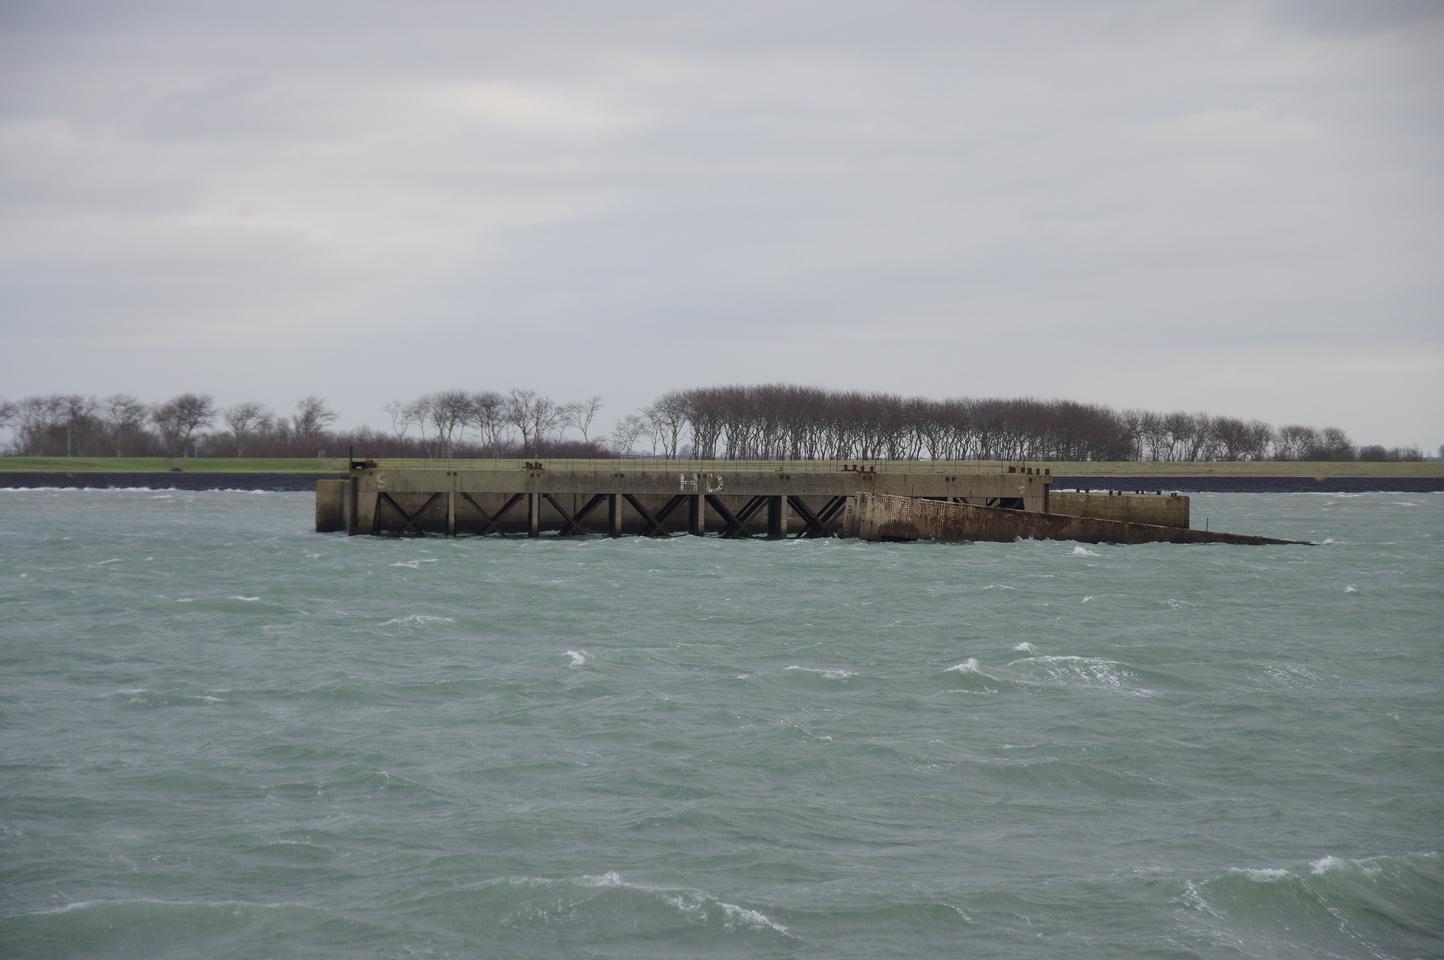 Zeeland - MS Onrust Oosterschelde TH 7